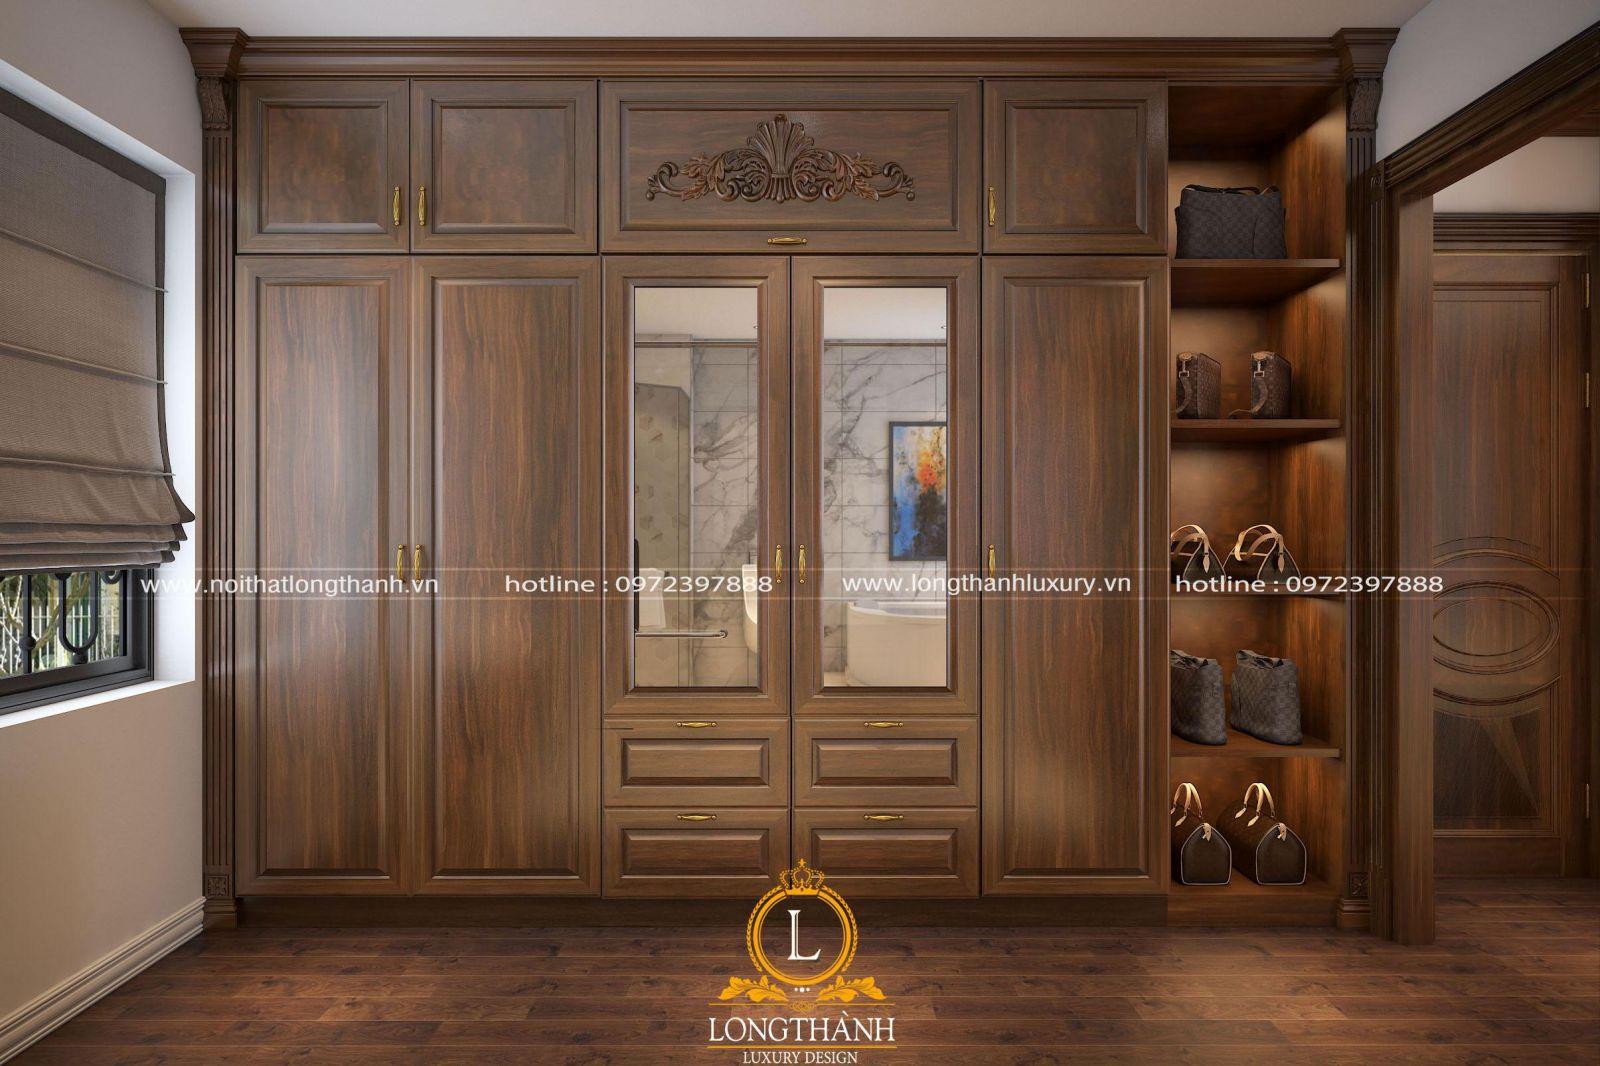 Tủ quần áo thiết kế ấn tượng cho phòng ngủ master